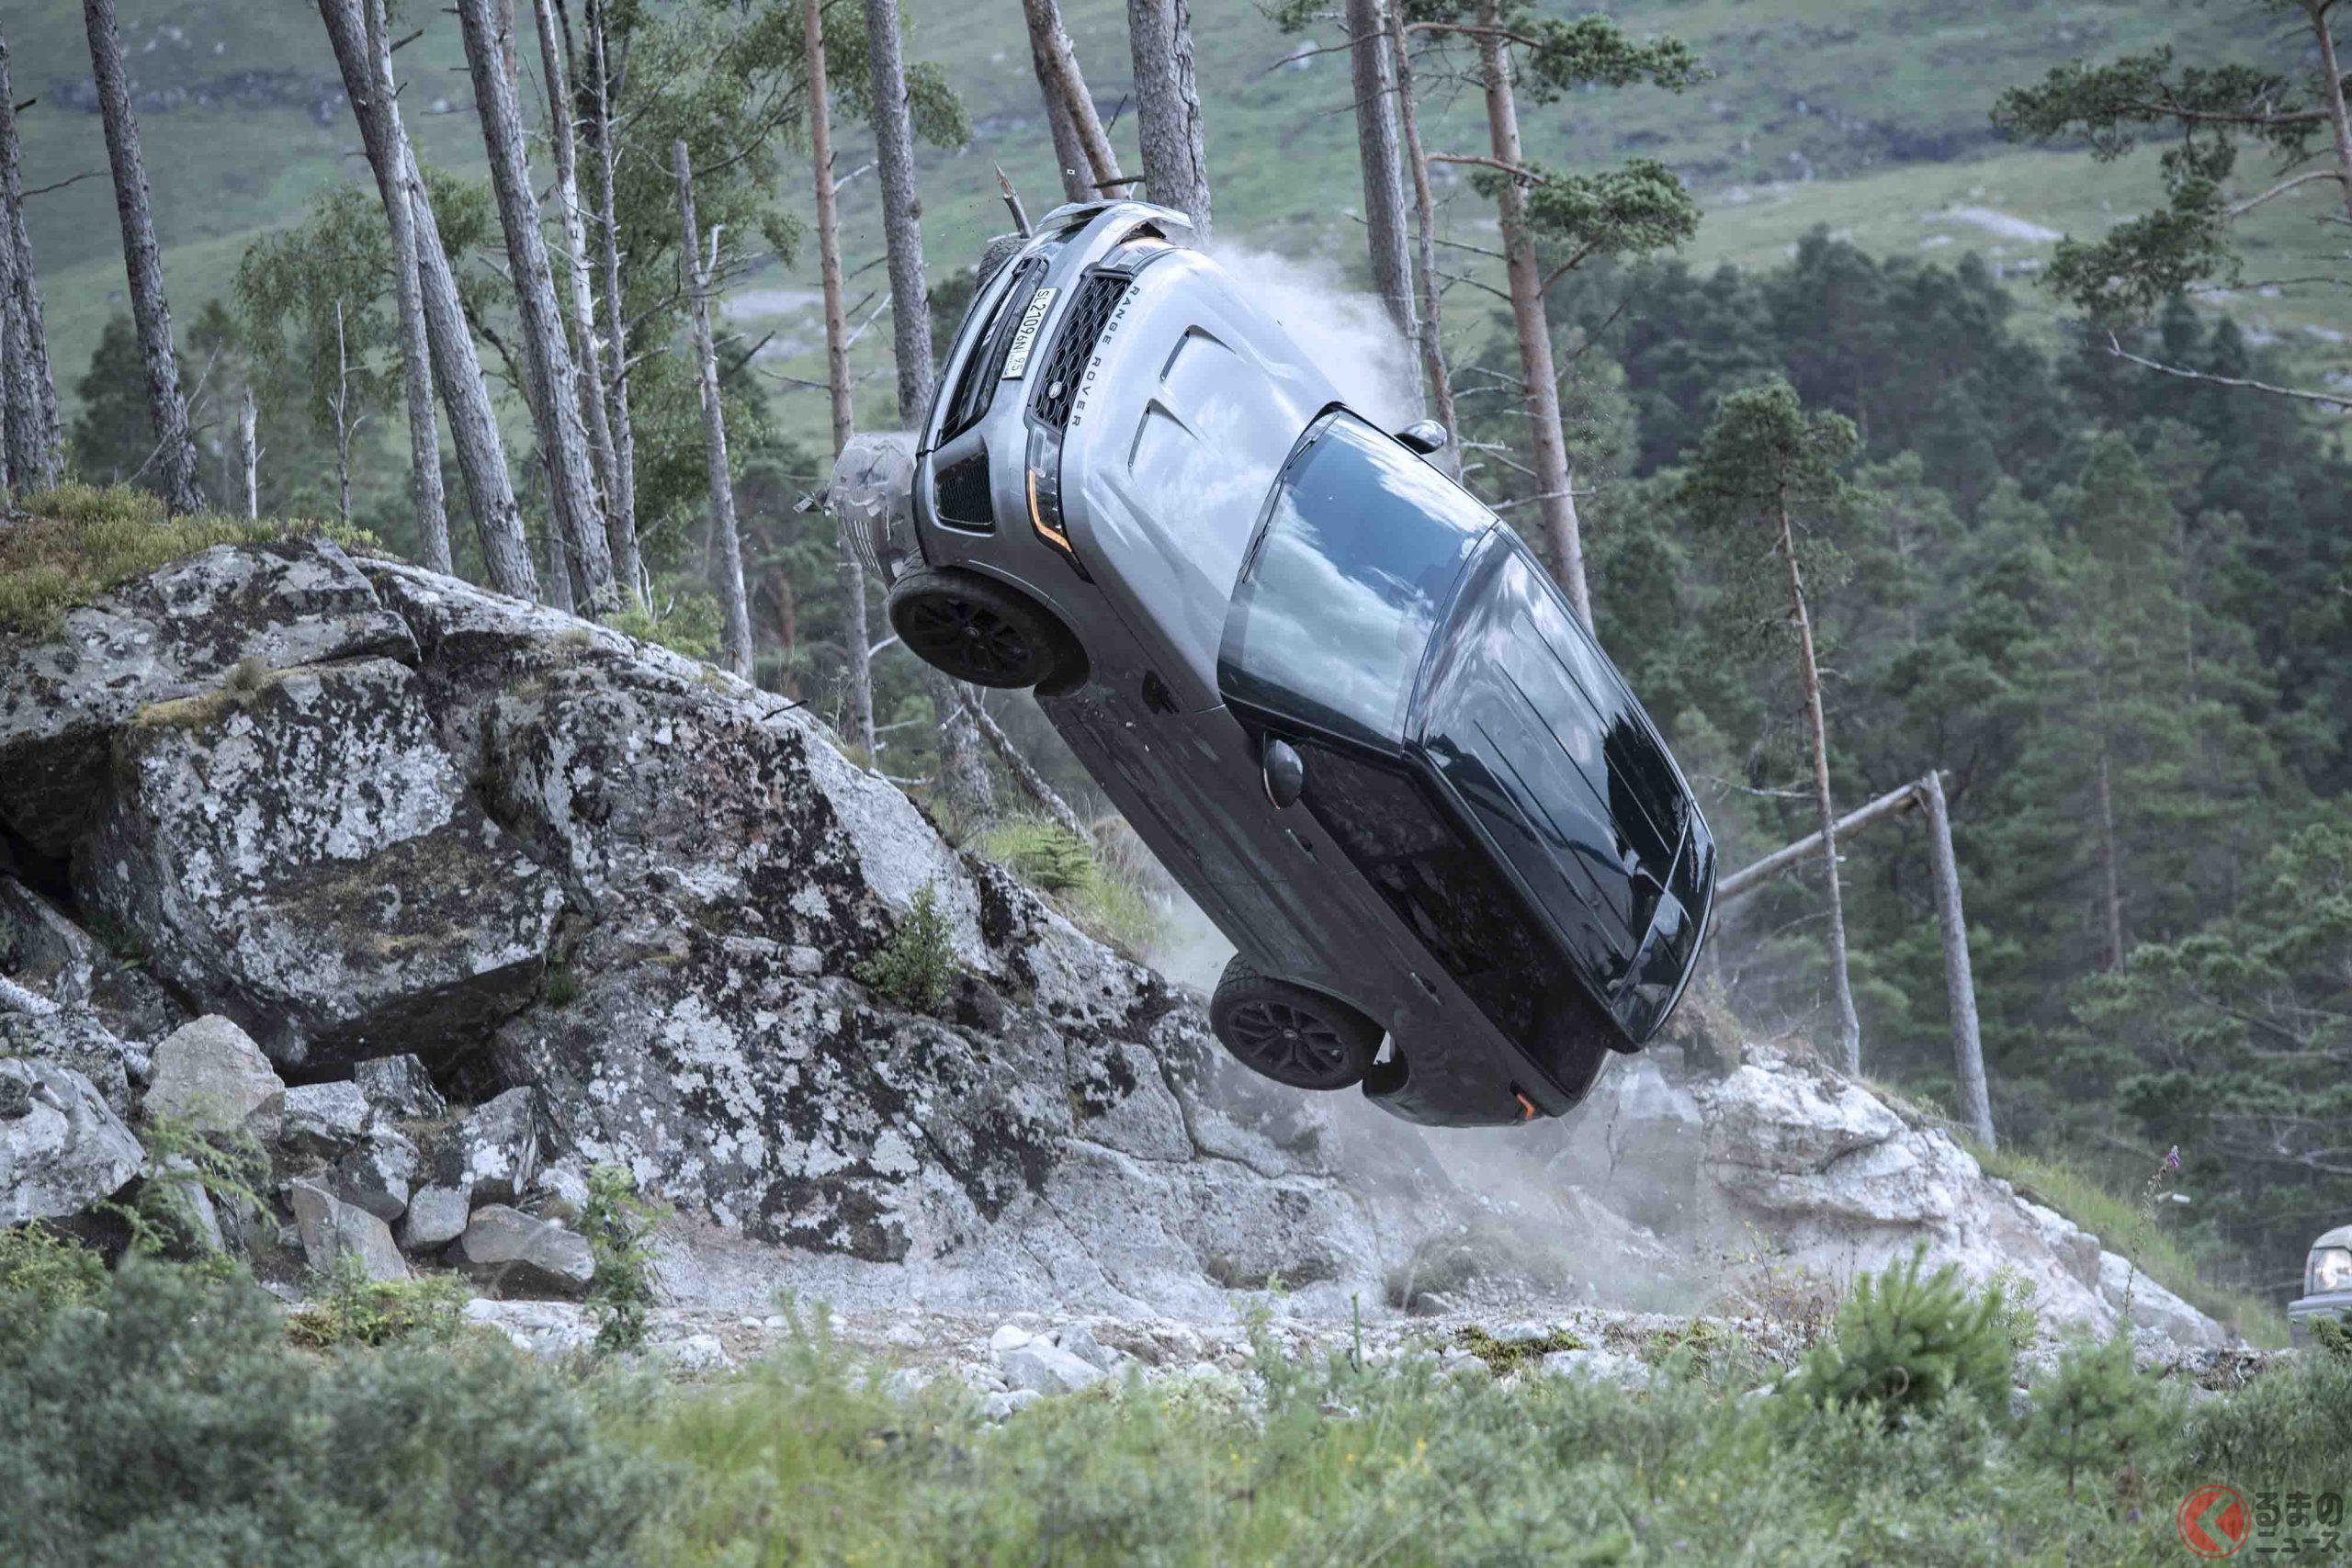 『007/ノー・タイム・トゥ・ダイ』公開間近! 劇中でカーチェイスする「レンジローバー・スポーツSVR」と同じ仕様をオーダーする方法とは